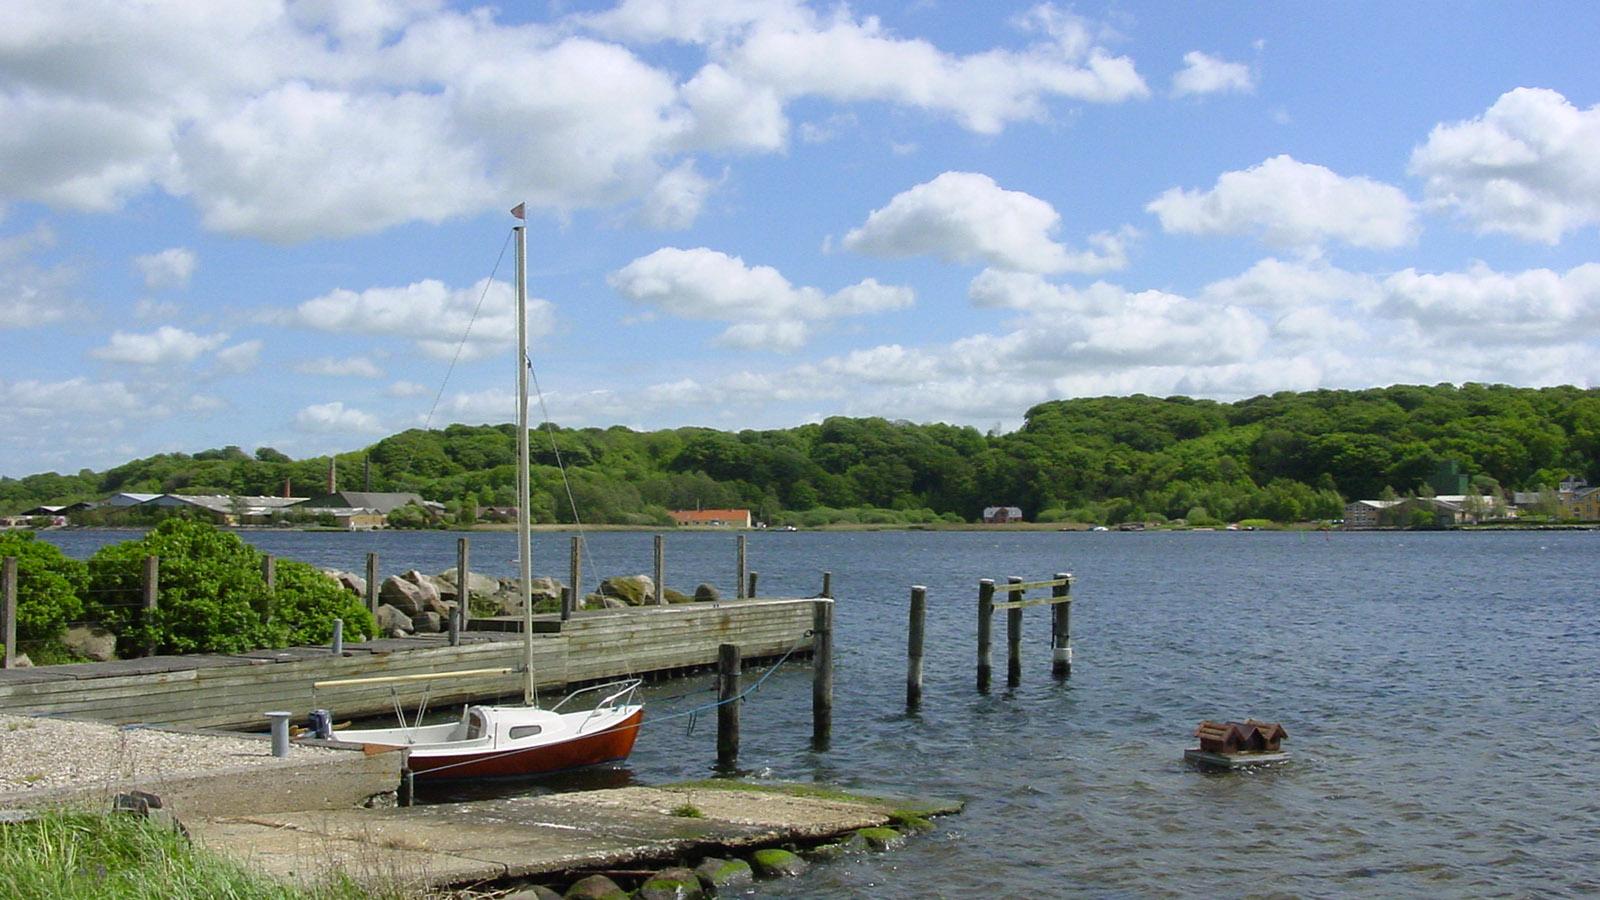 Kronjylland/Hobro: Jolle am Liegeplatz im Mariager Fjord. Foto: Hilke Maunder